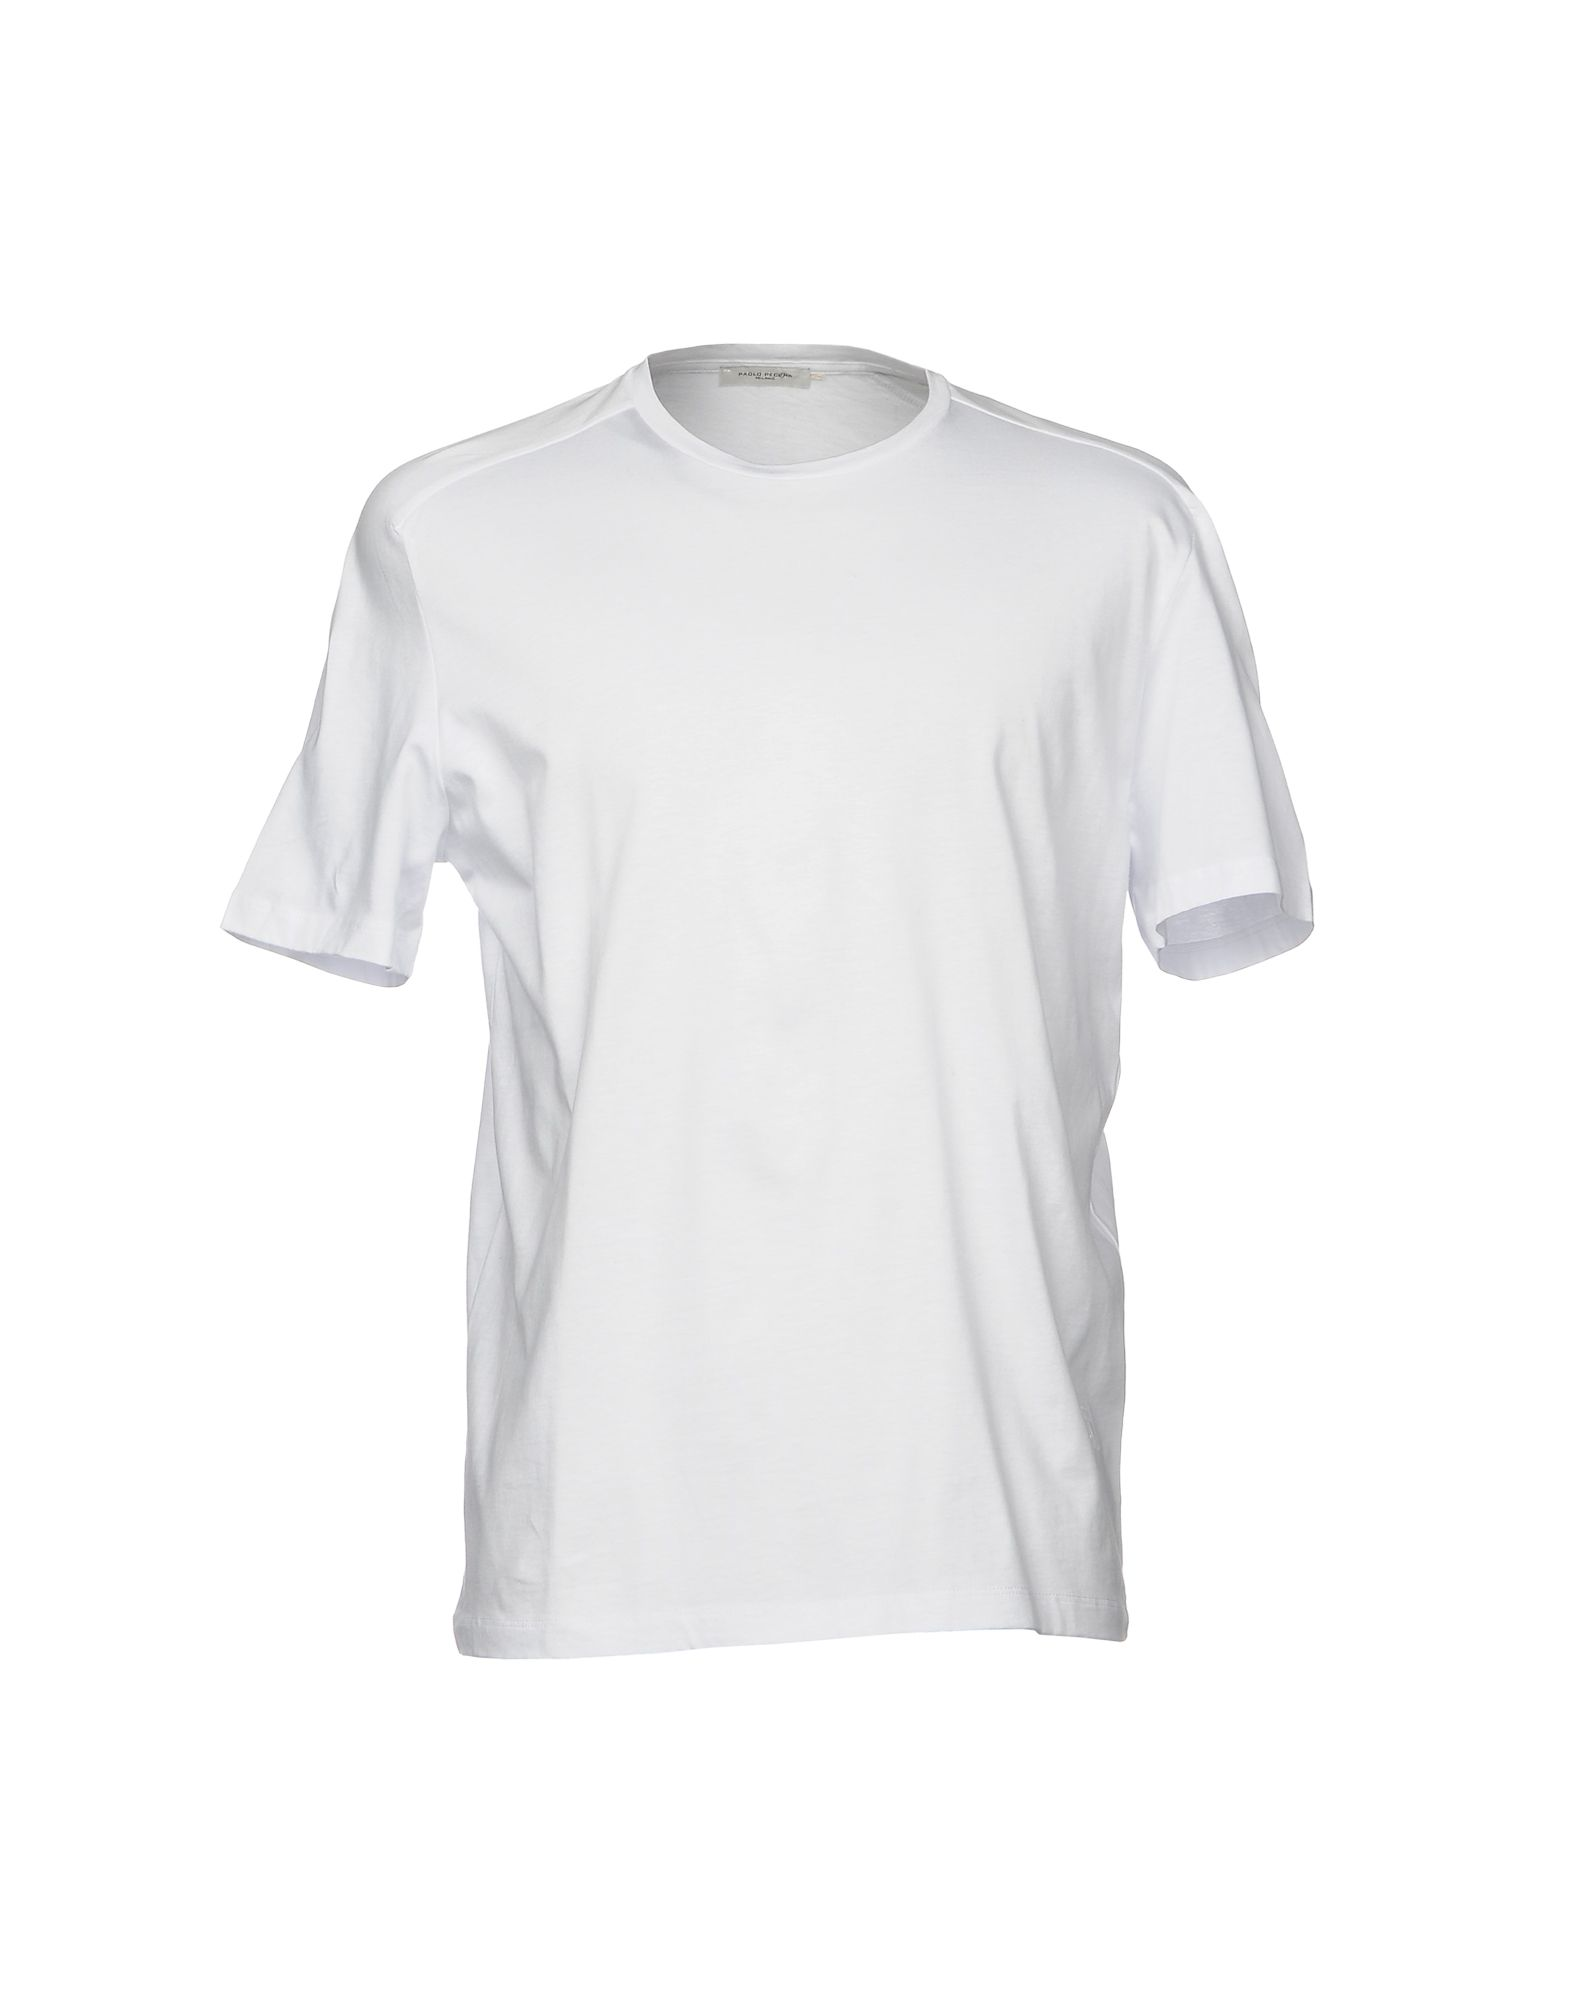 T-Shirt Paolo Pecora Uomo - Acquista online su